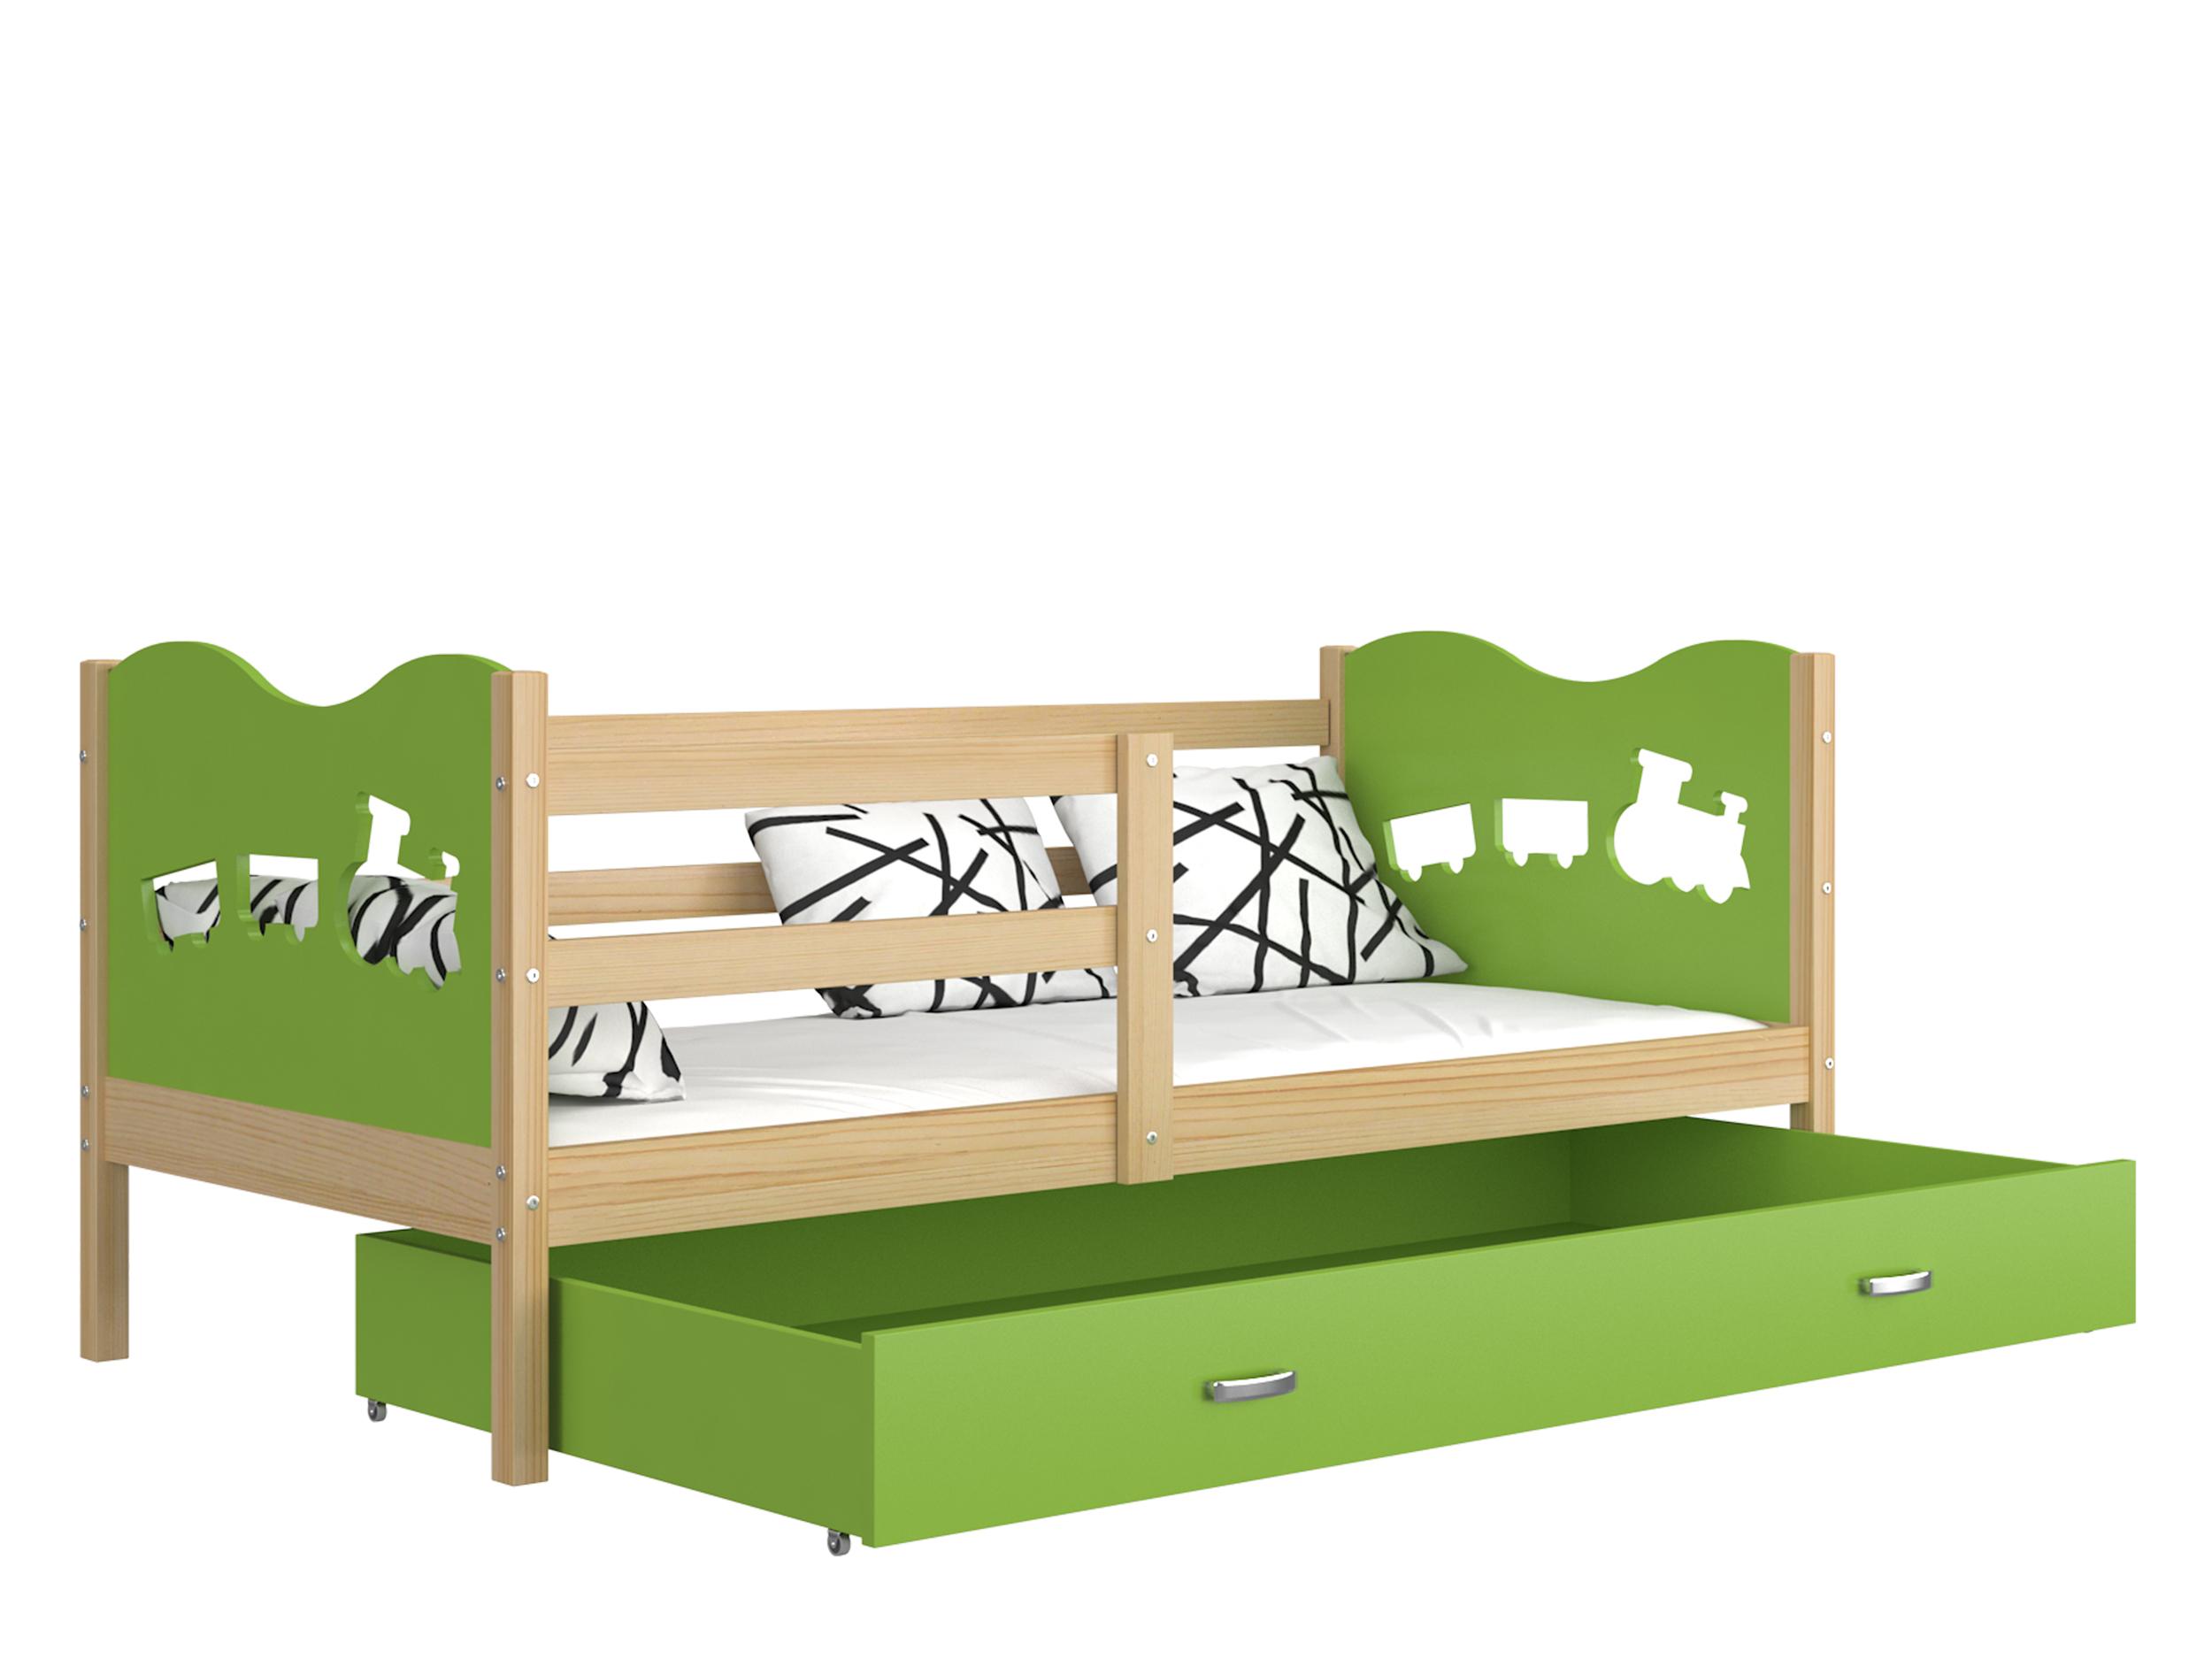 ArtAJ Detská posteľ MAX P drevo / MDF 200 x 90 cm Farba: Borovica / zelená 200 x 90 cm s matracom